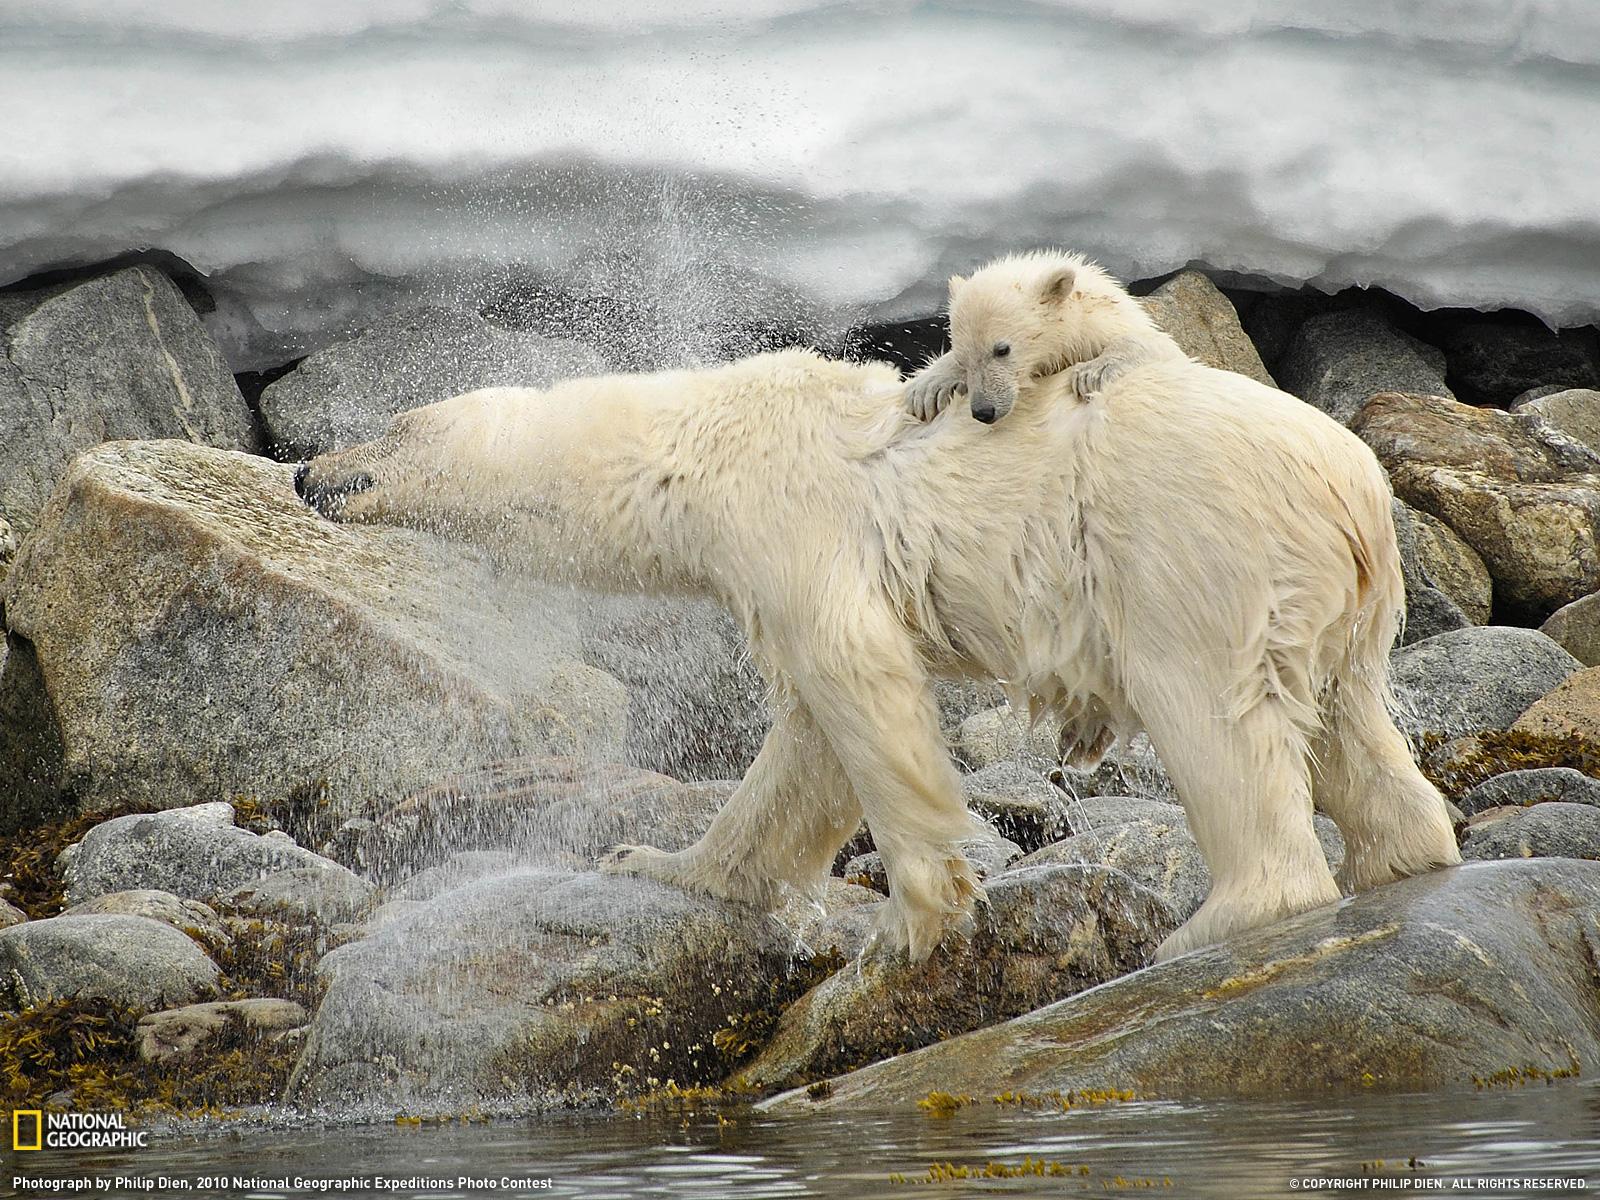 Обои на рабочий стол - National Geographic [1600x1200] [189шт.] (2011) JPG